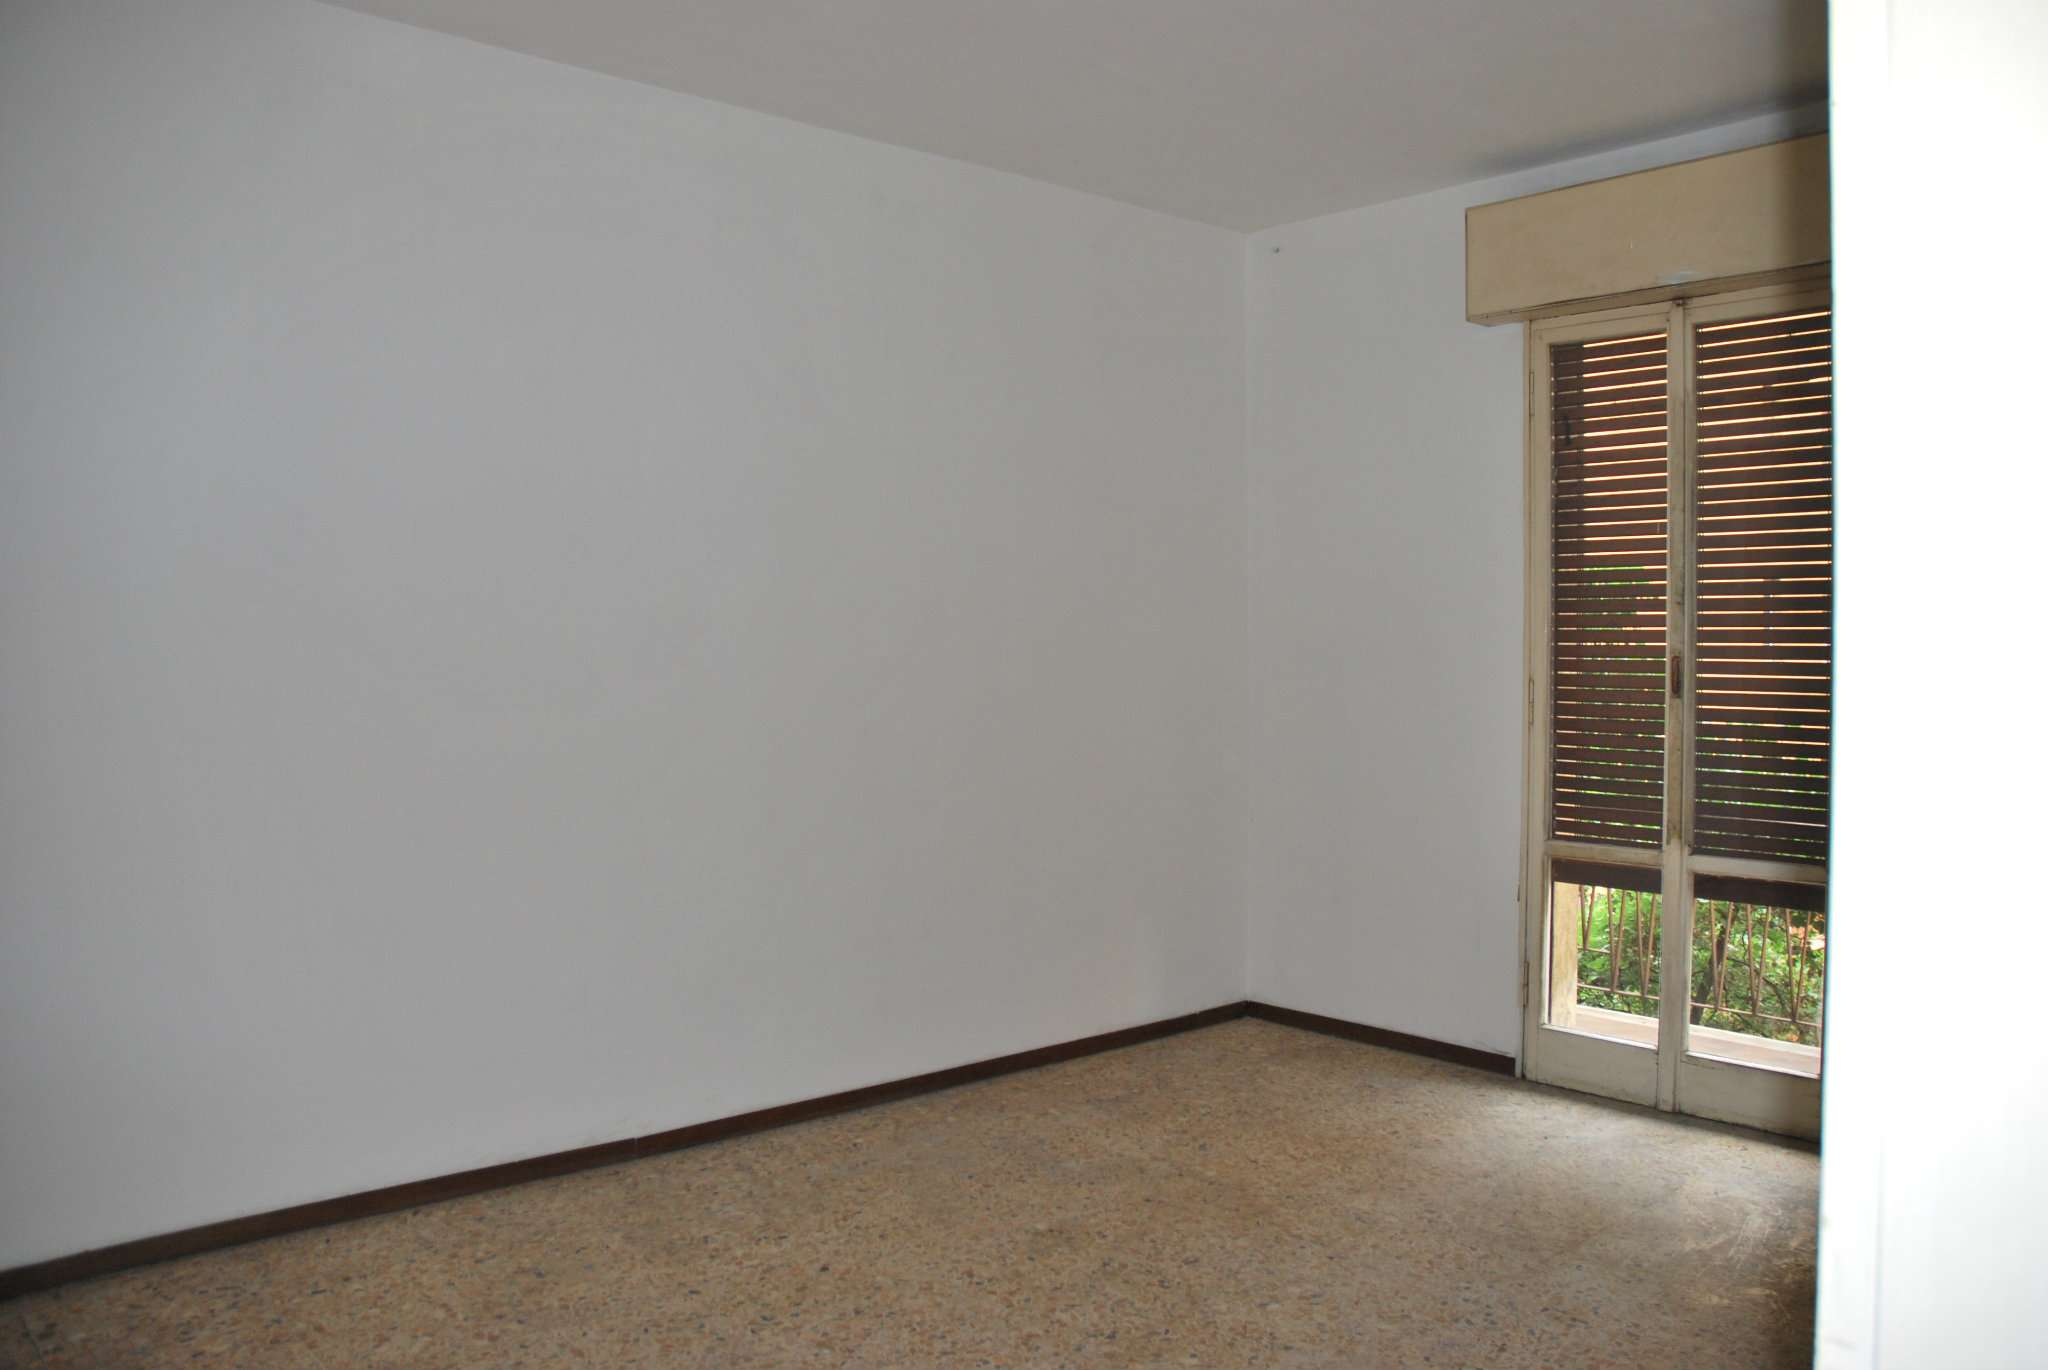 Appartamento in vendita a Modena, 3 locali, prezzo € 95.000 | Cambio Casa.it